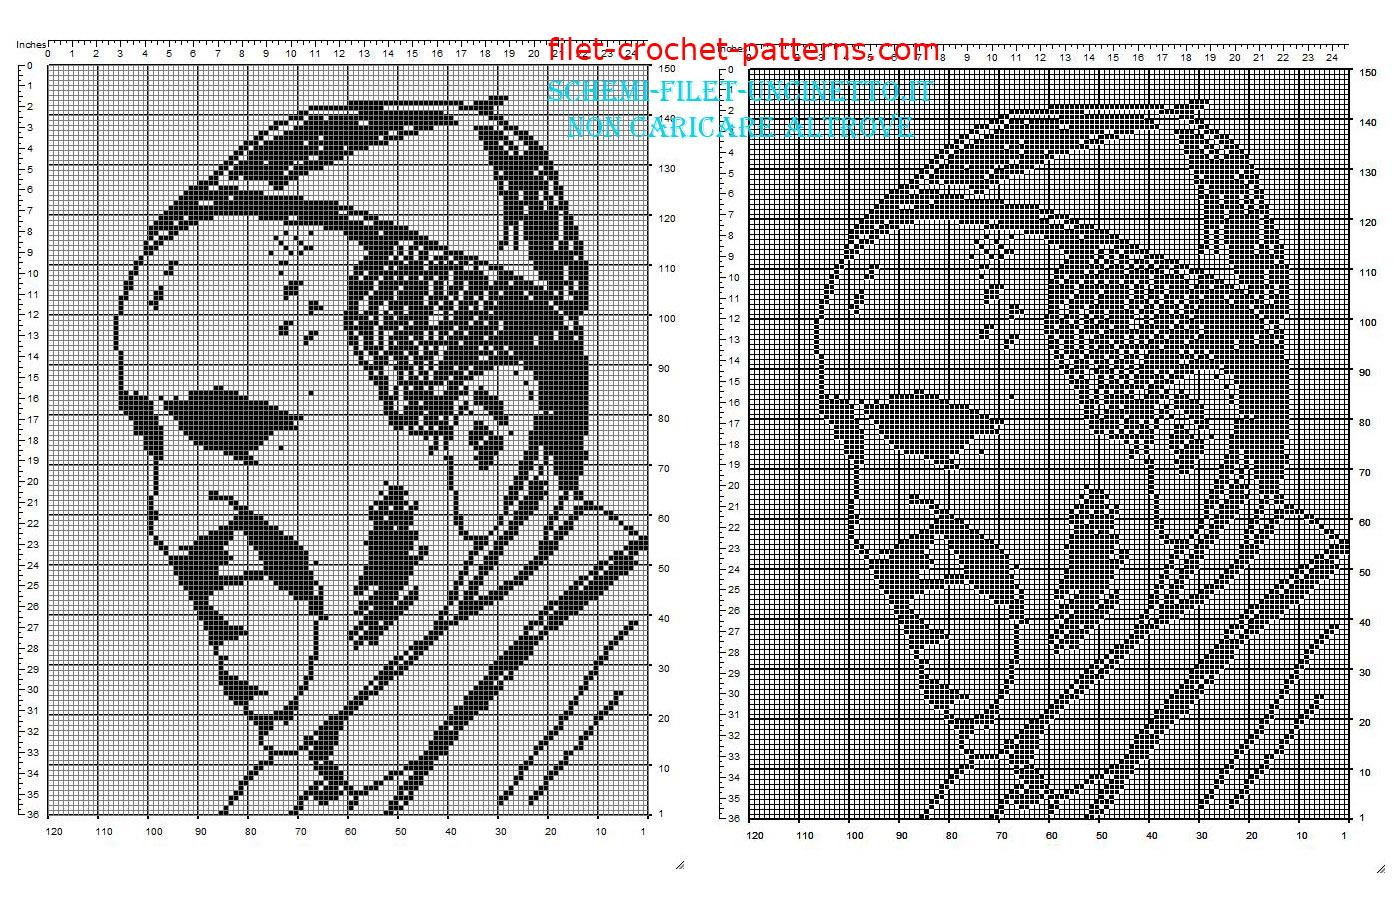 filet crochet patterns pope francis face free filet crochet pattern download IDRKPHN